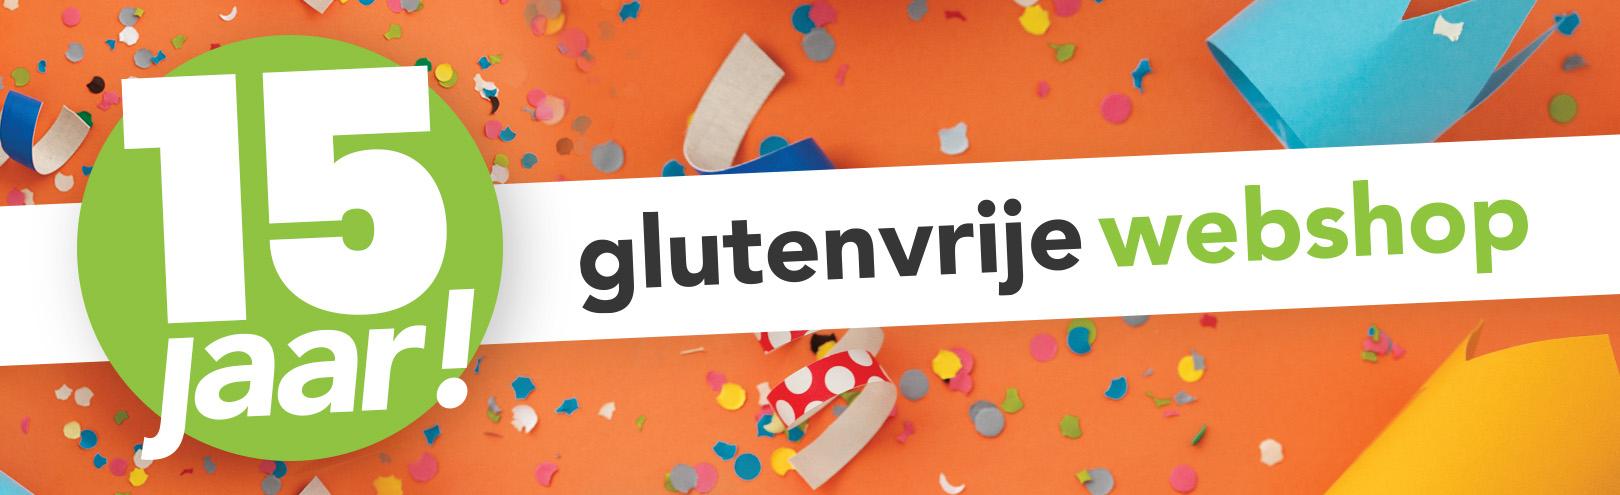 Glutenvrije Webshop: 15 jaar